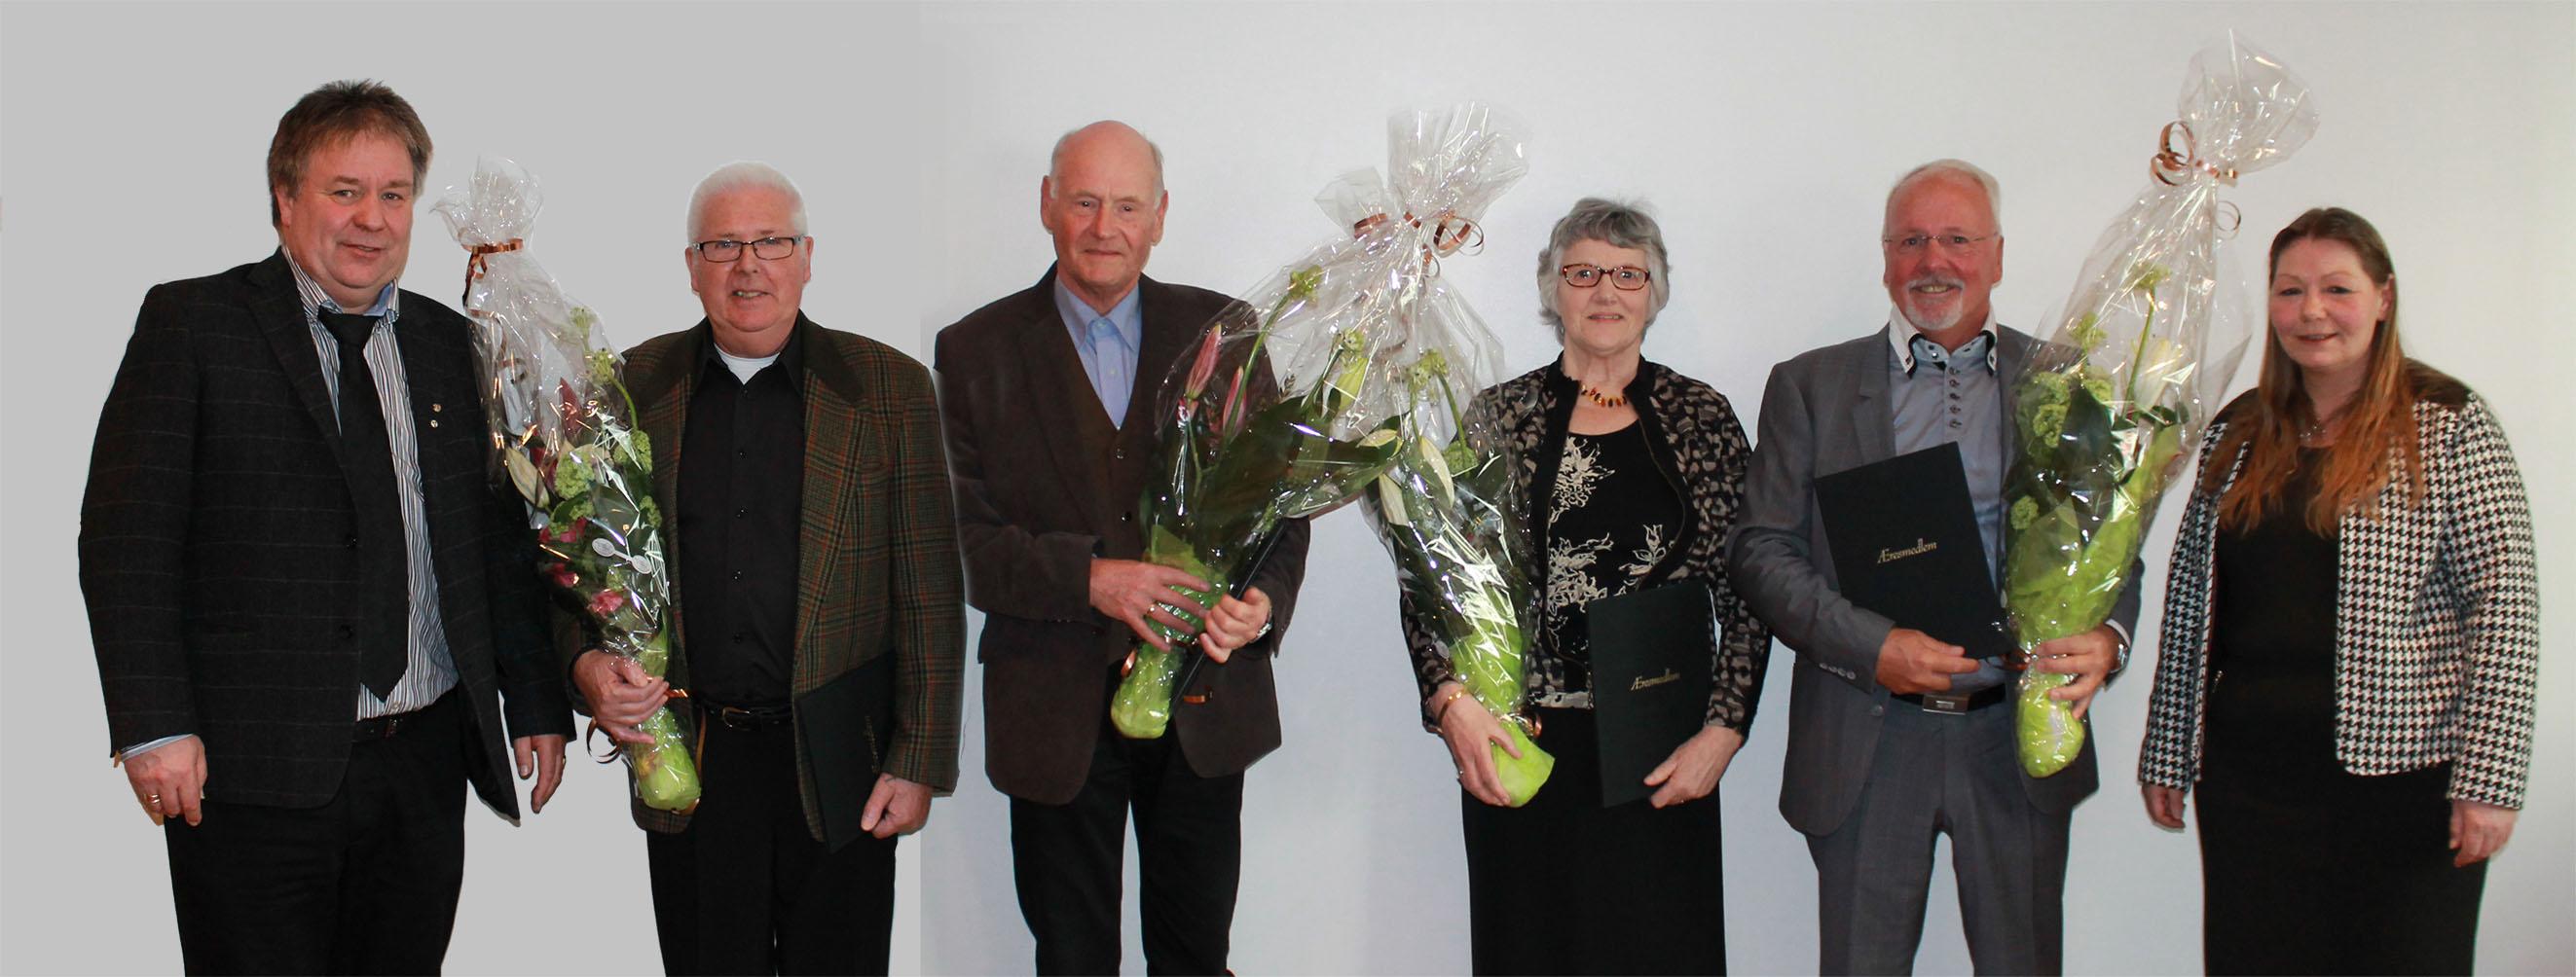 Fra venstre: Geir Olsen,45 års jubilantene Viktor Vindal, Olav Sture, Thorill Teigenes, Nils Albert Lokøen og leder Eirin Bratland